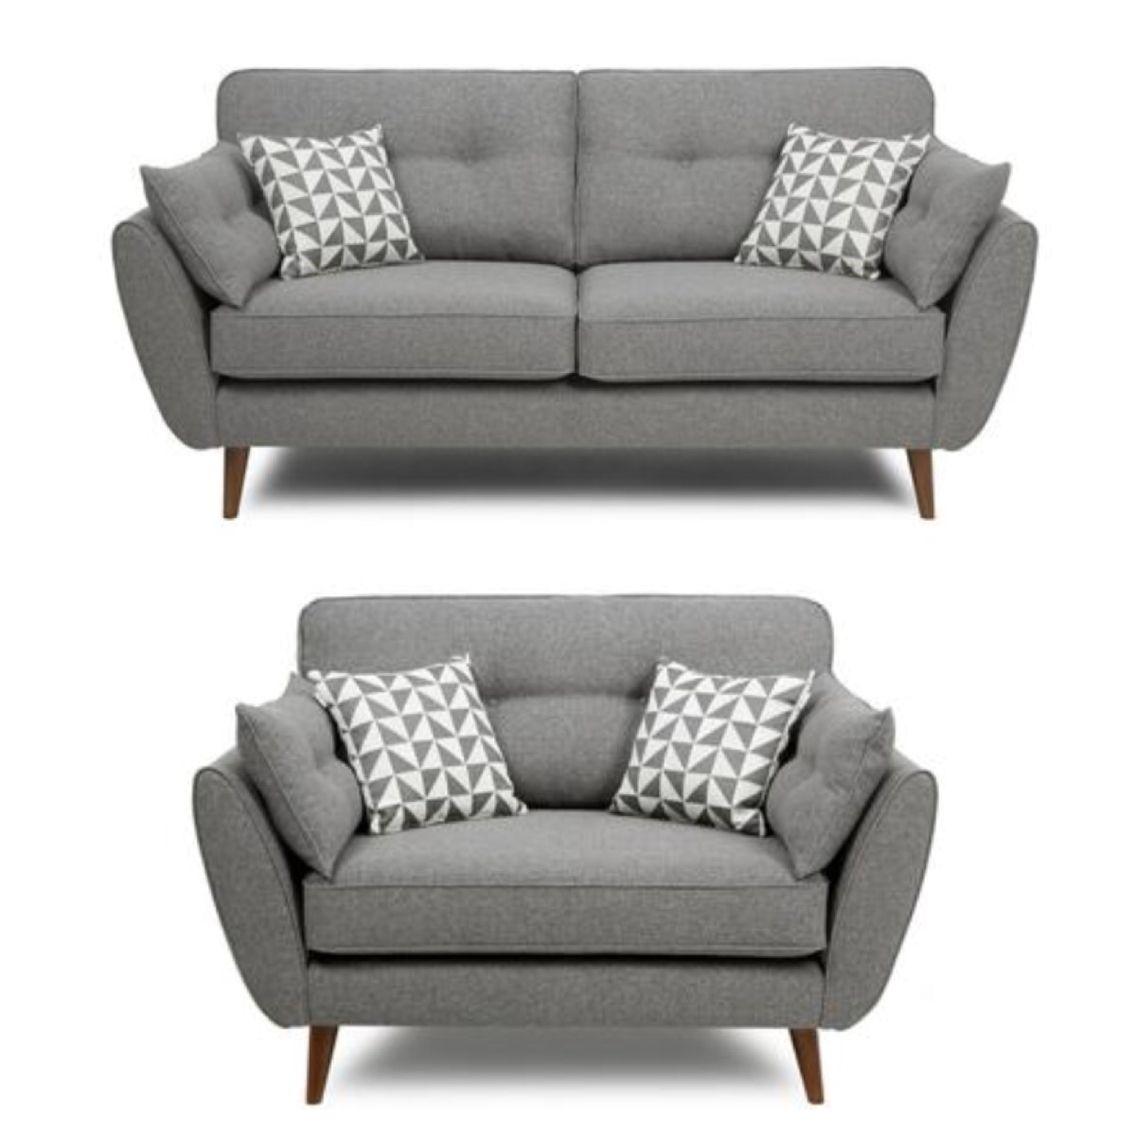 Grey Retro Sofa Sofas Modernos Sofa Para Sala Pequena Sofa Pequeno